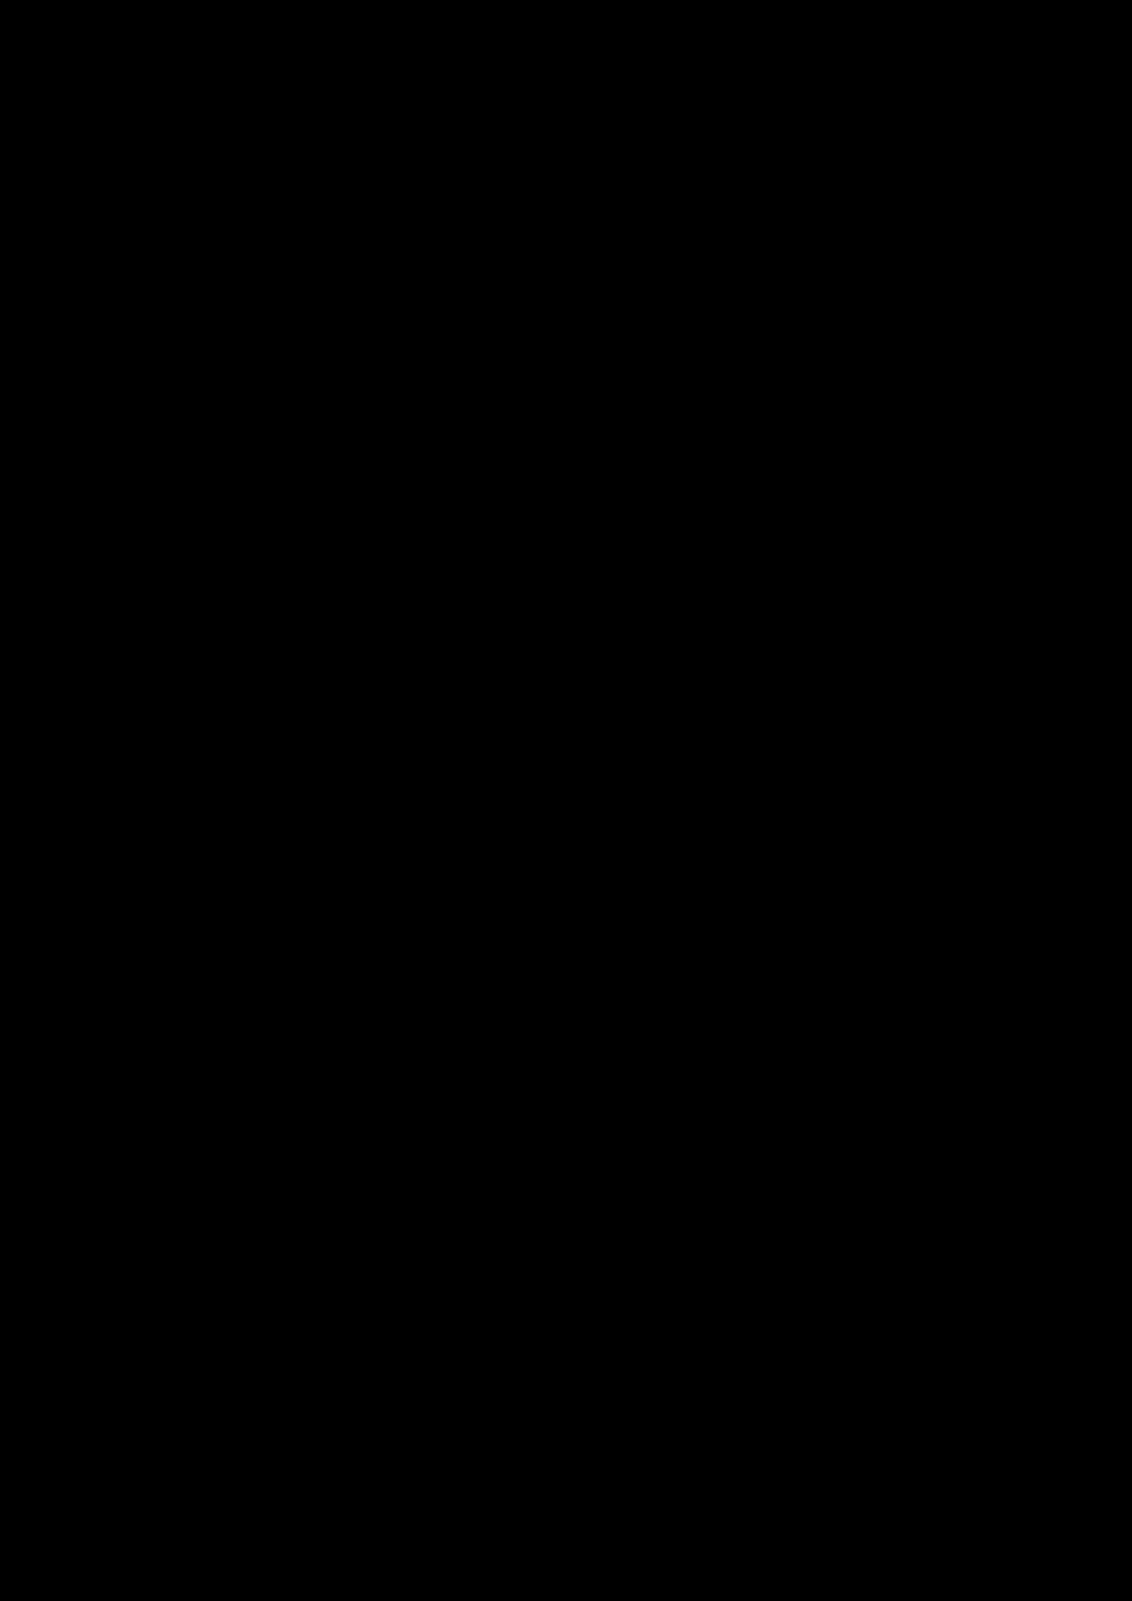 Serdtse slide, Image 43